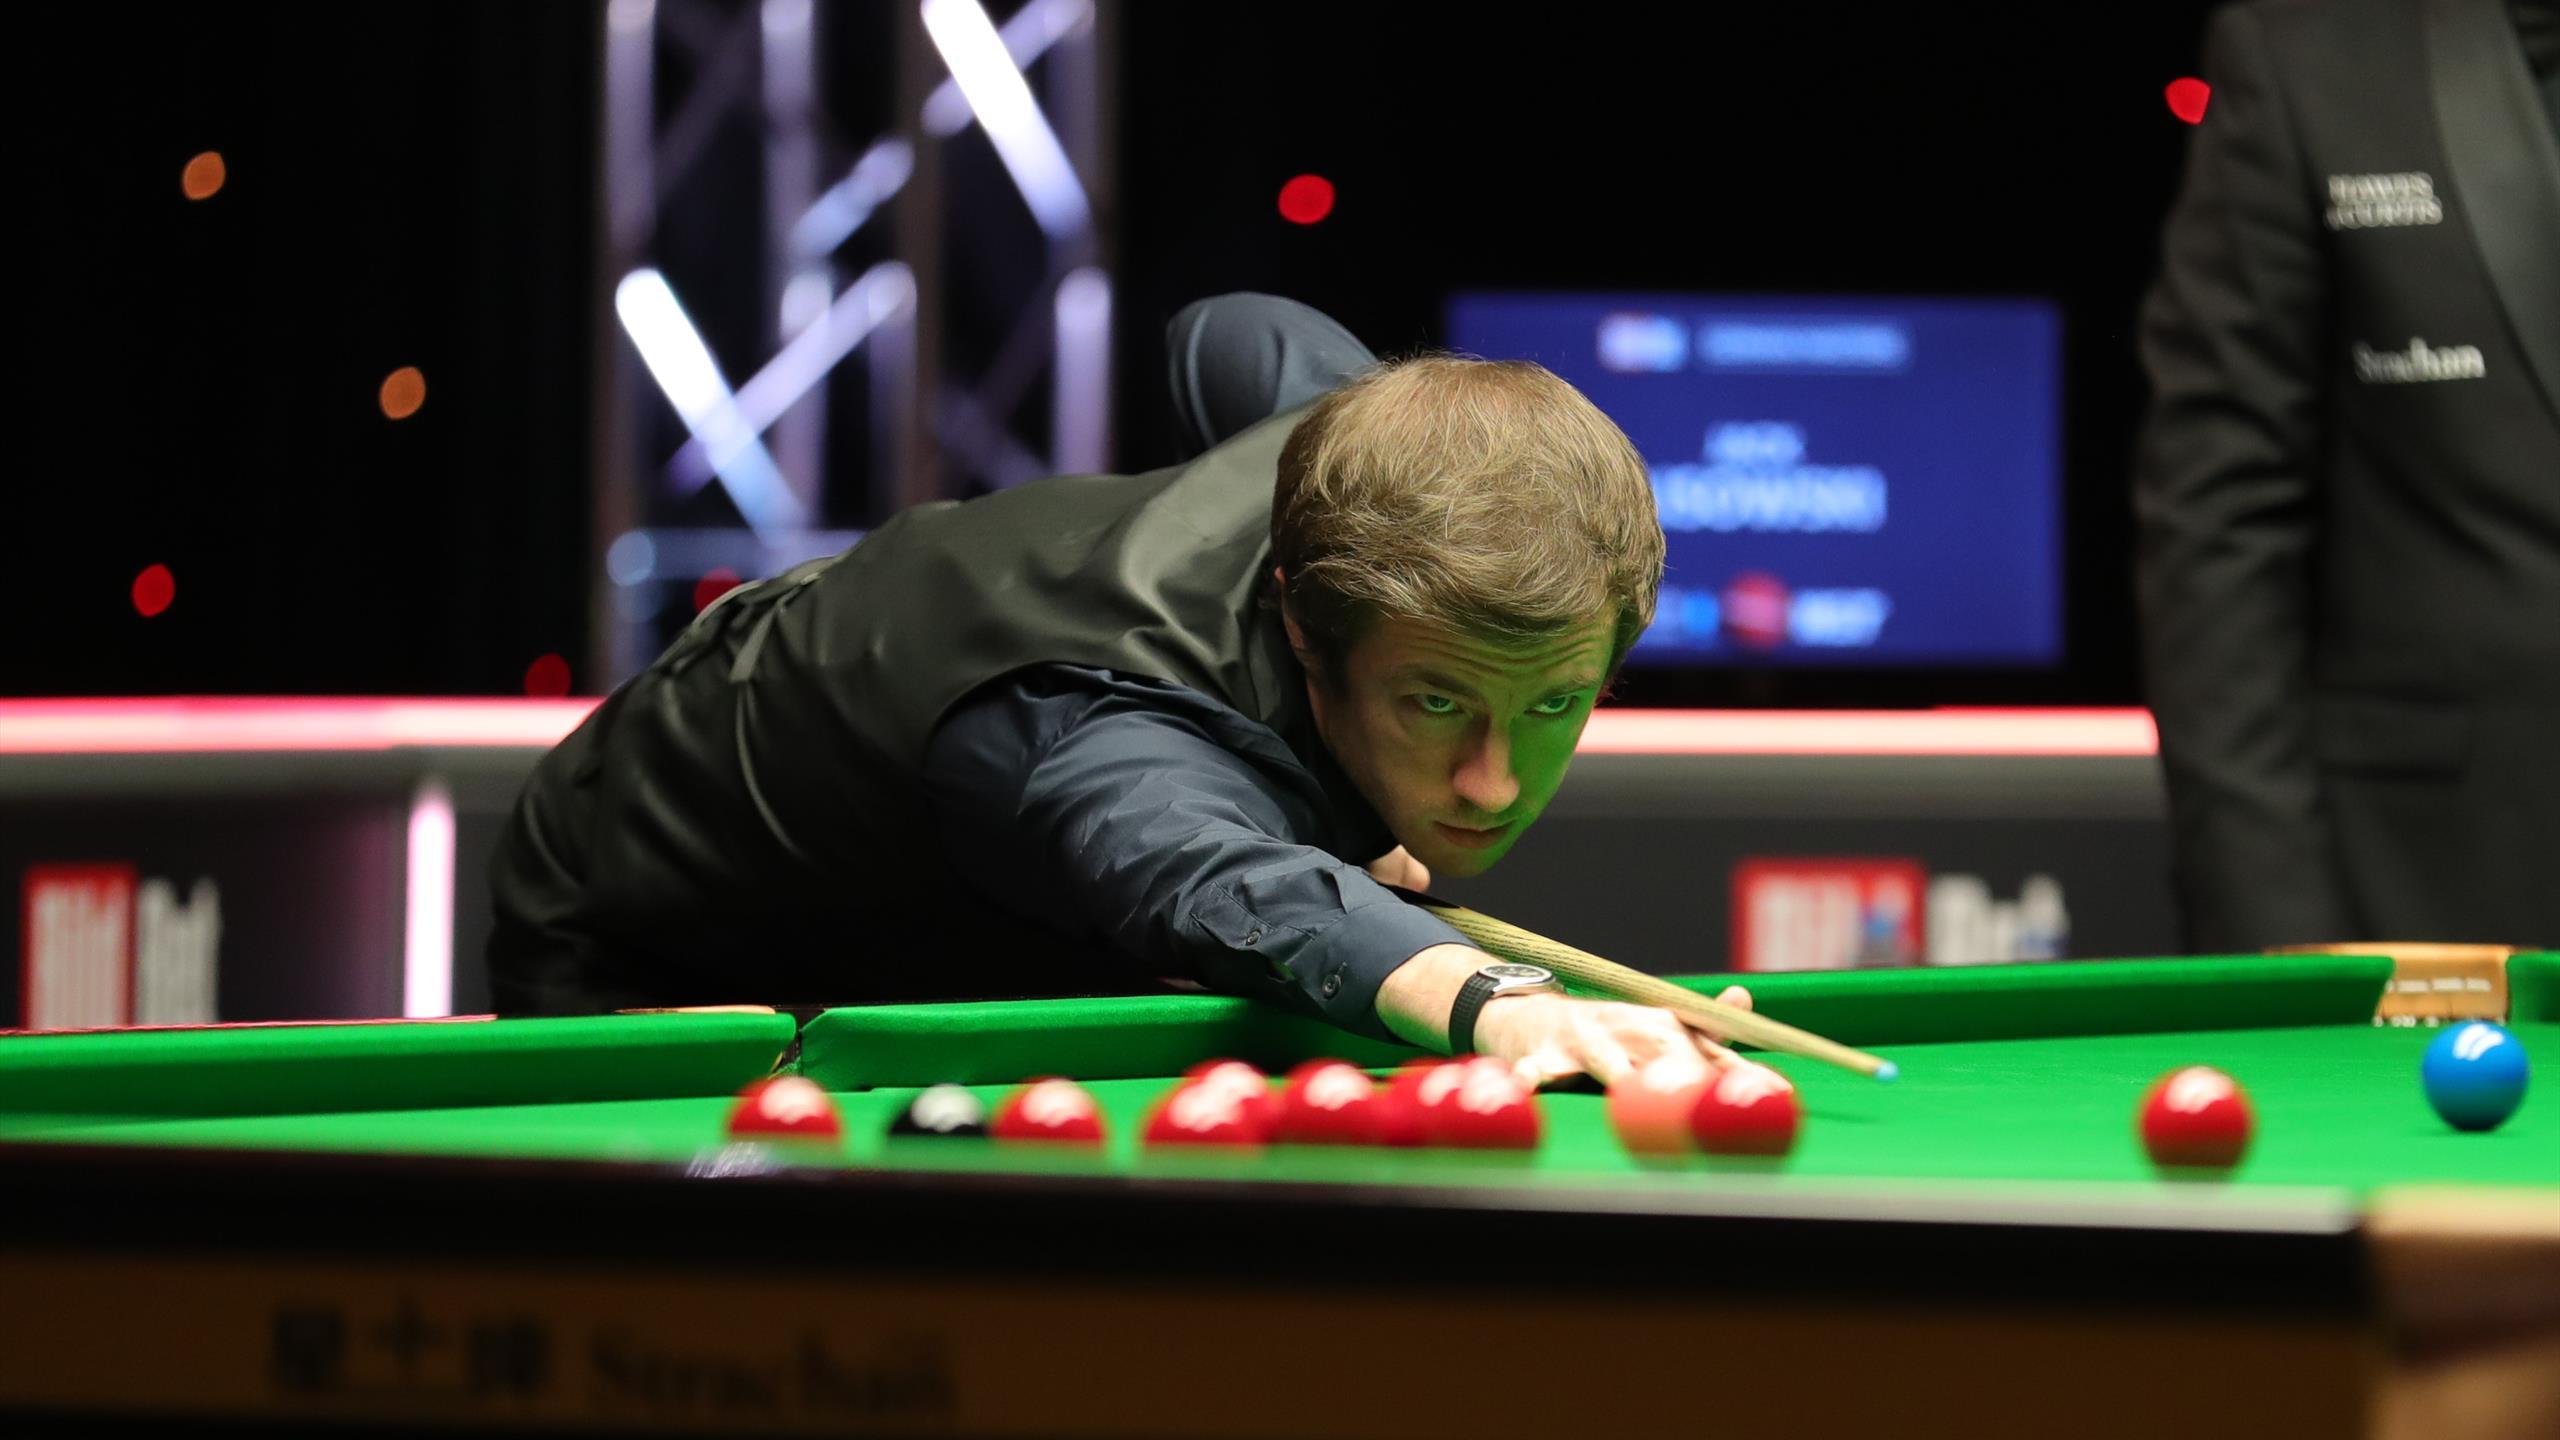 German Masters Snooker 2021 Live Quarter Final Day Judd Trump Beats Ding Lisowski Downs Bingham Eurosport